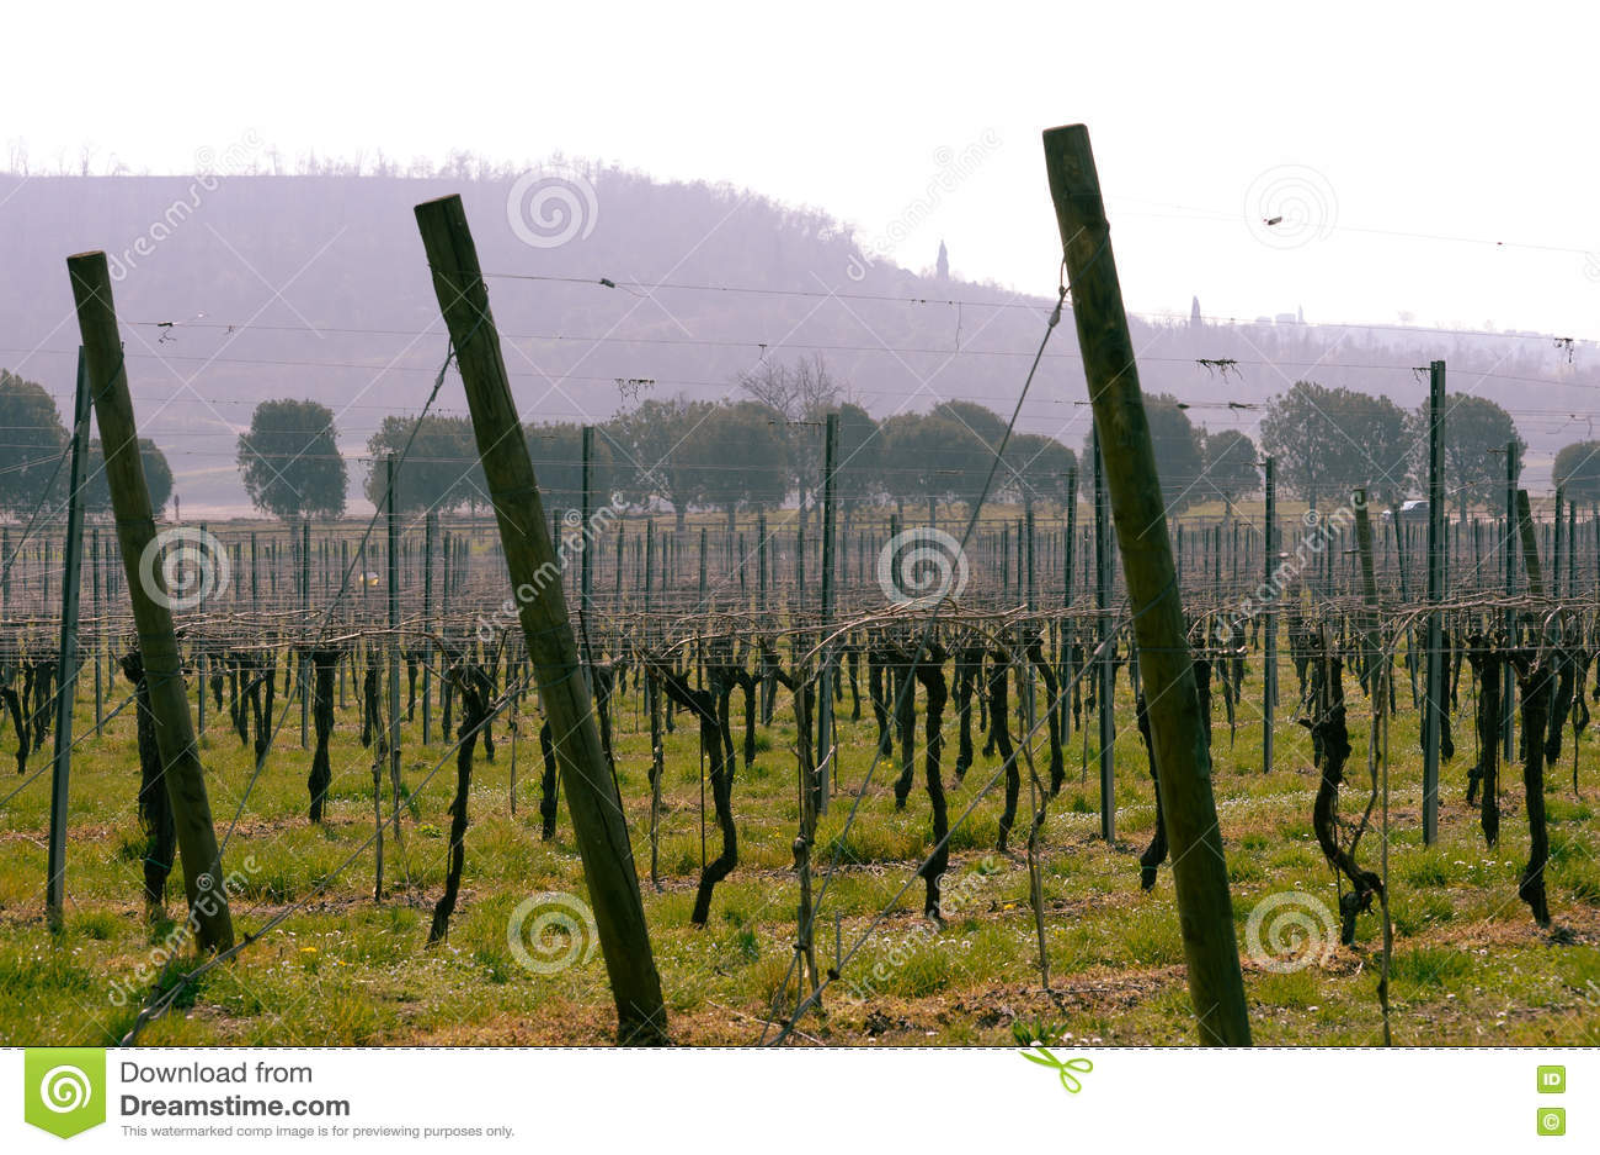 Vineyard italian fields wine